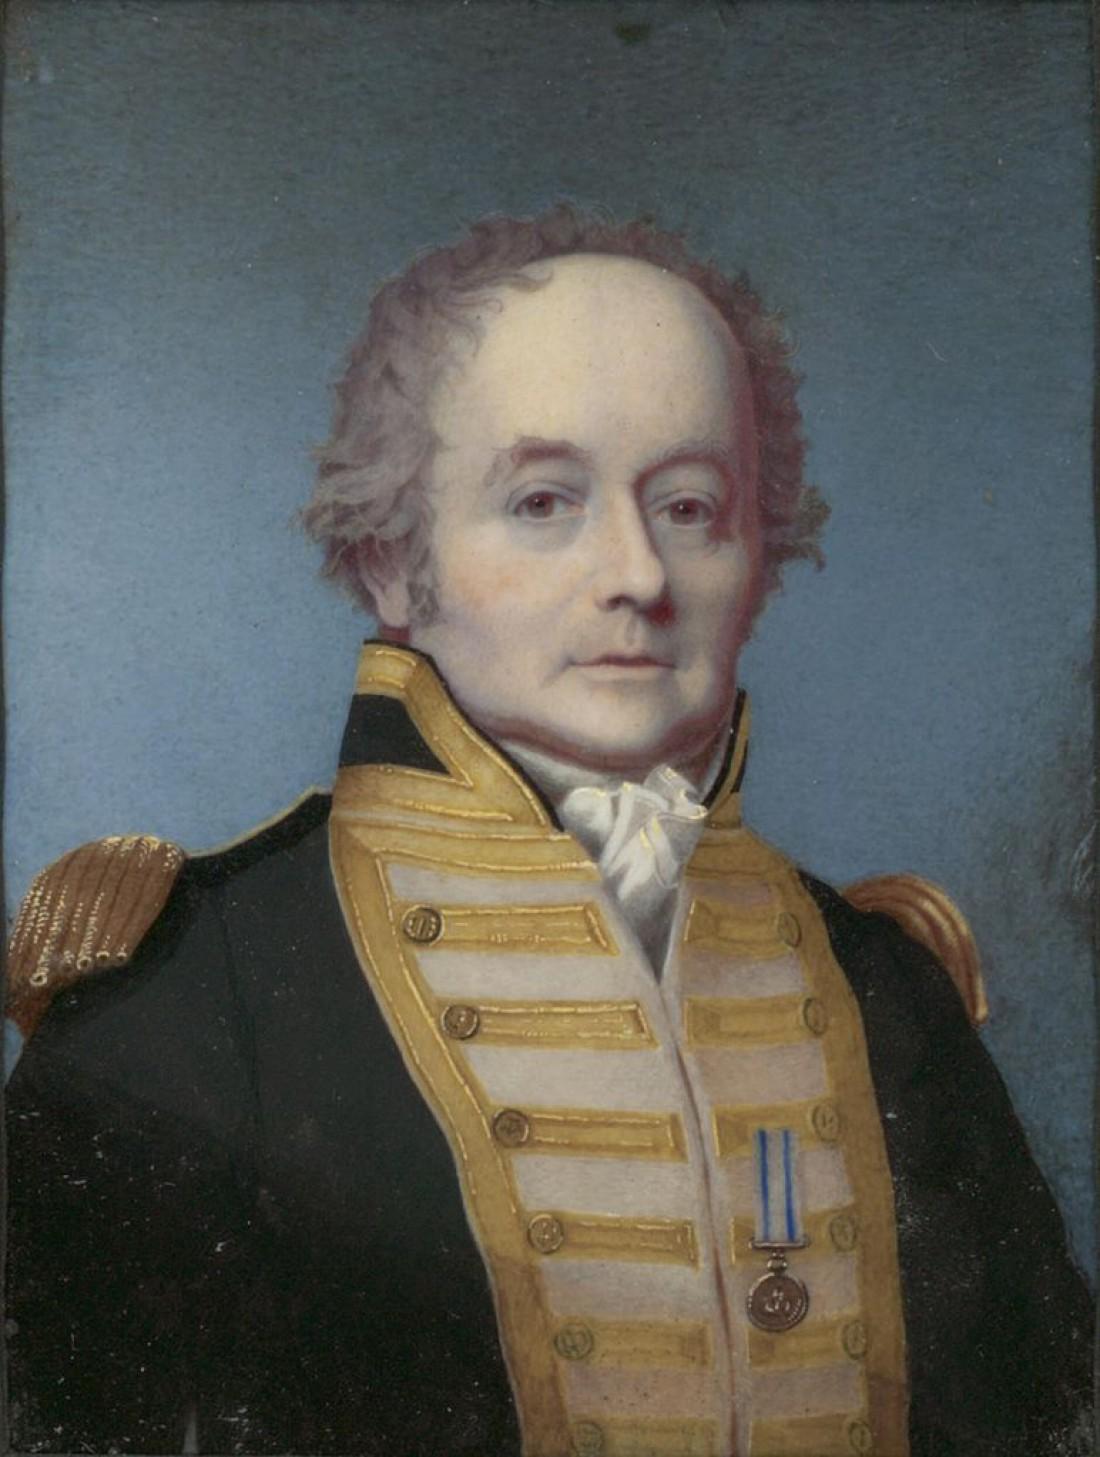 Уильям Блай — вице-адмирал Королевского флота Великобритании